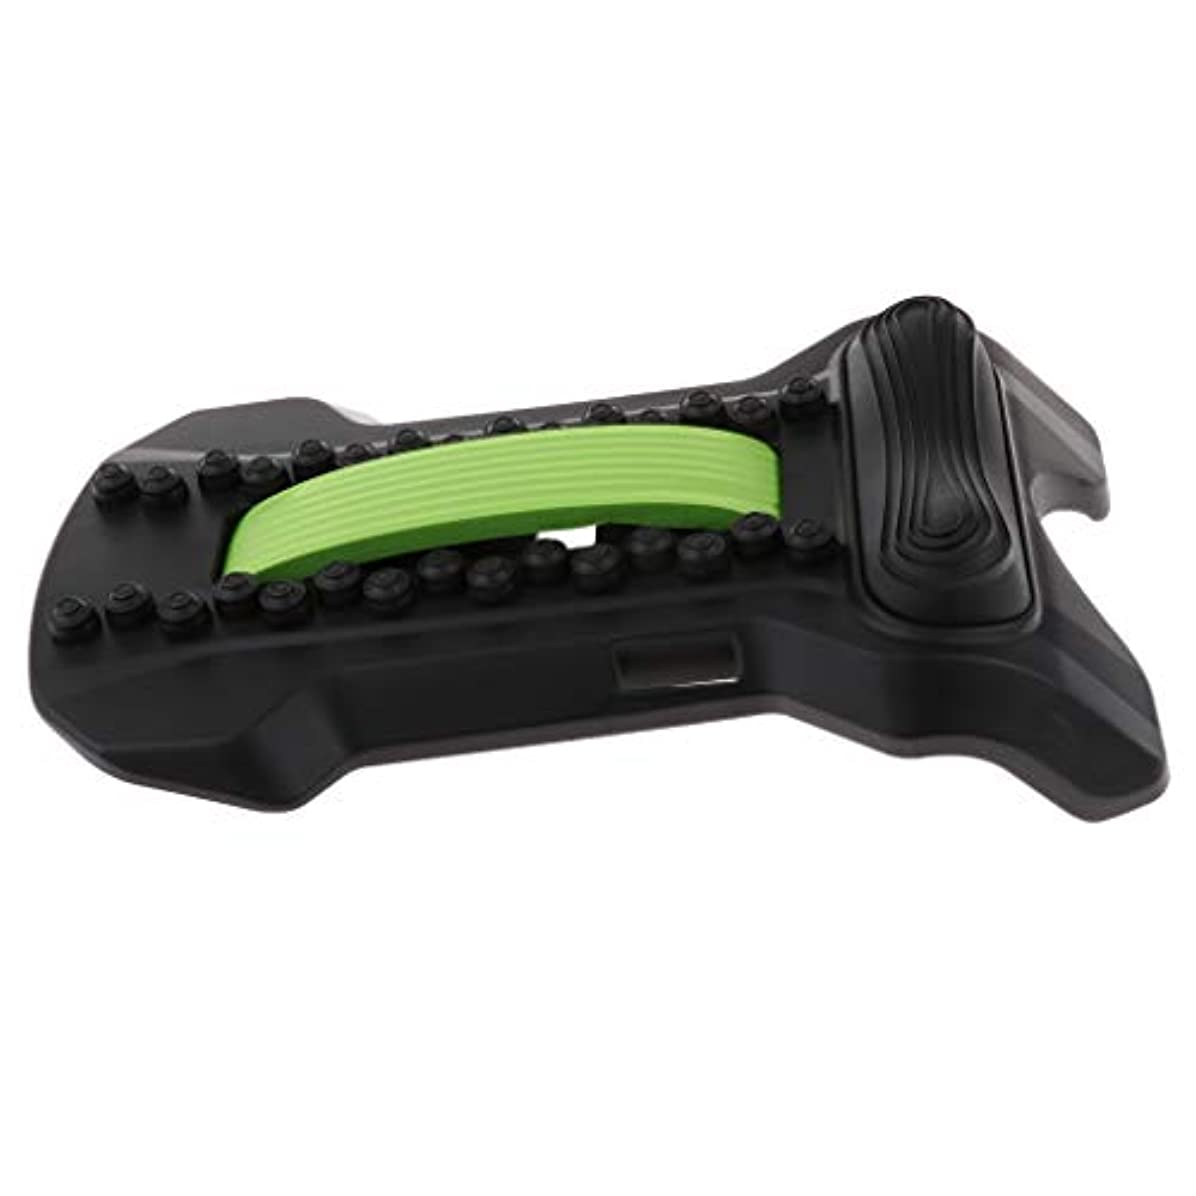 ミントゴシップそれるFLAMEER バックストレッチャー 腰椎 頸椎 腰痛 肩こり 解消 ツボ押し ストレッチ 姿勢 矯正 軽量 全5色 - ブラックグリーン, 22×37×8cm